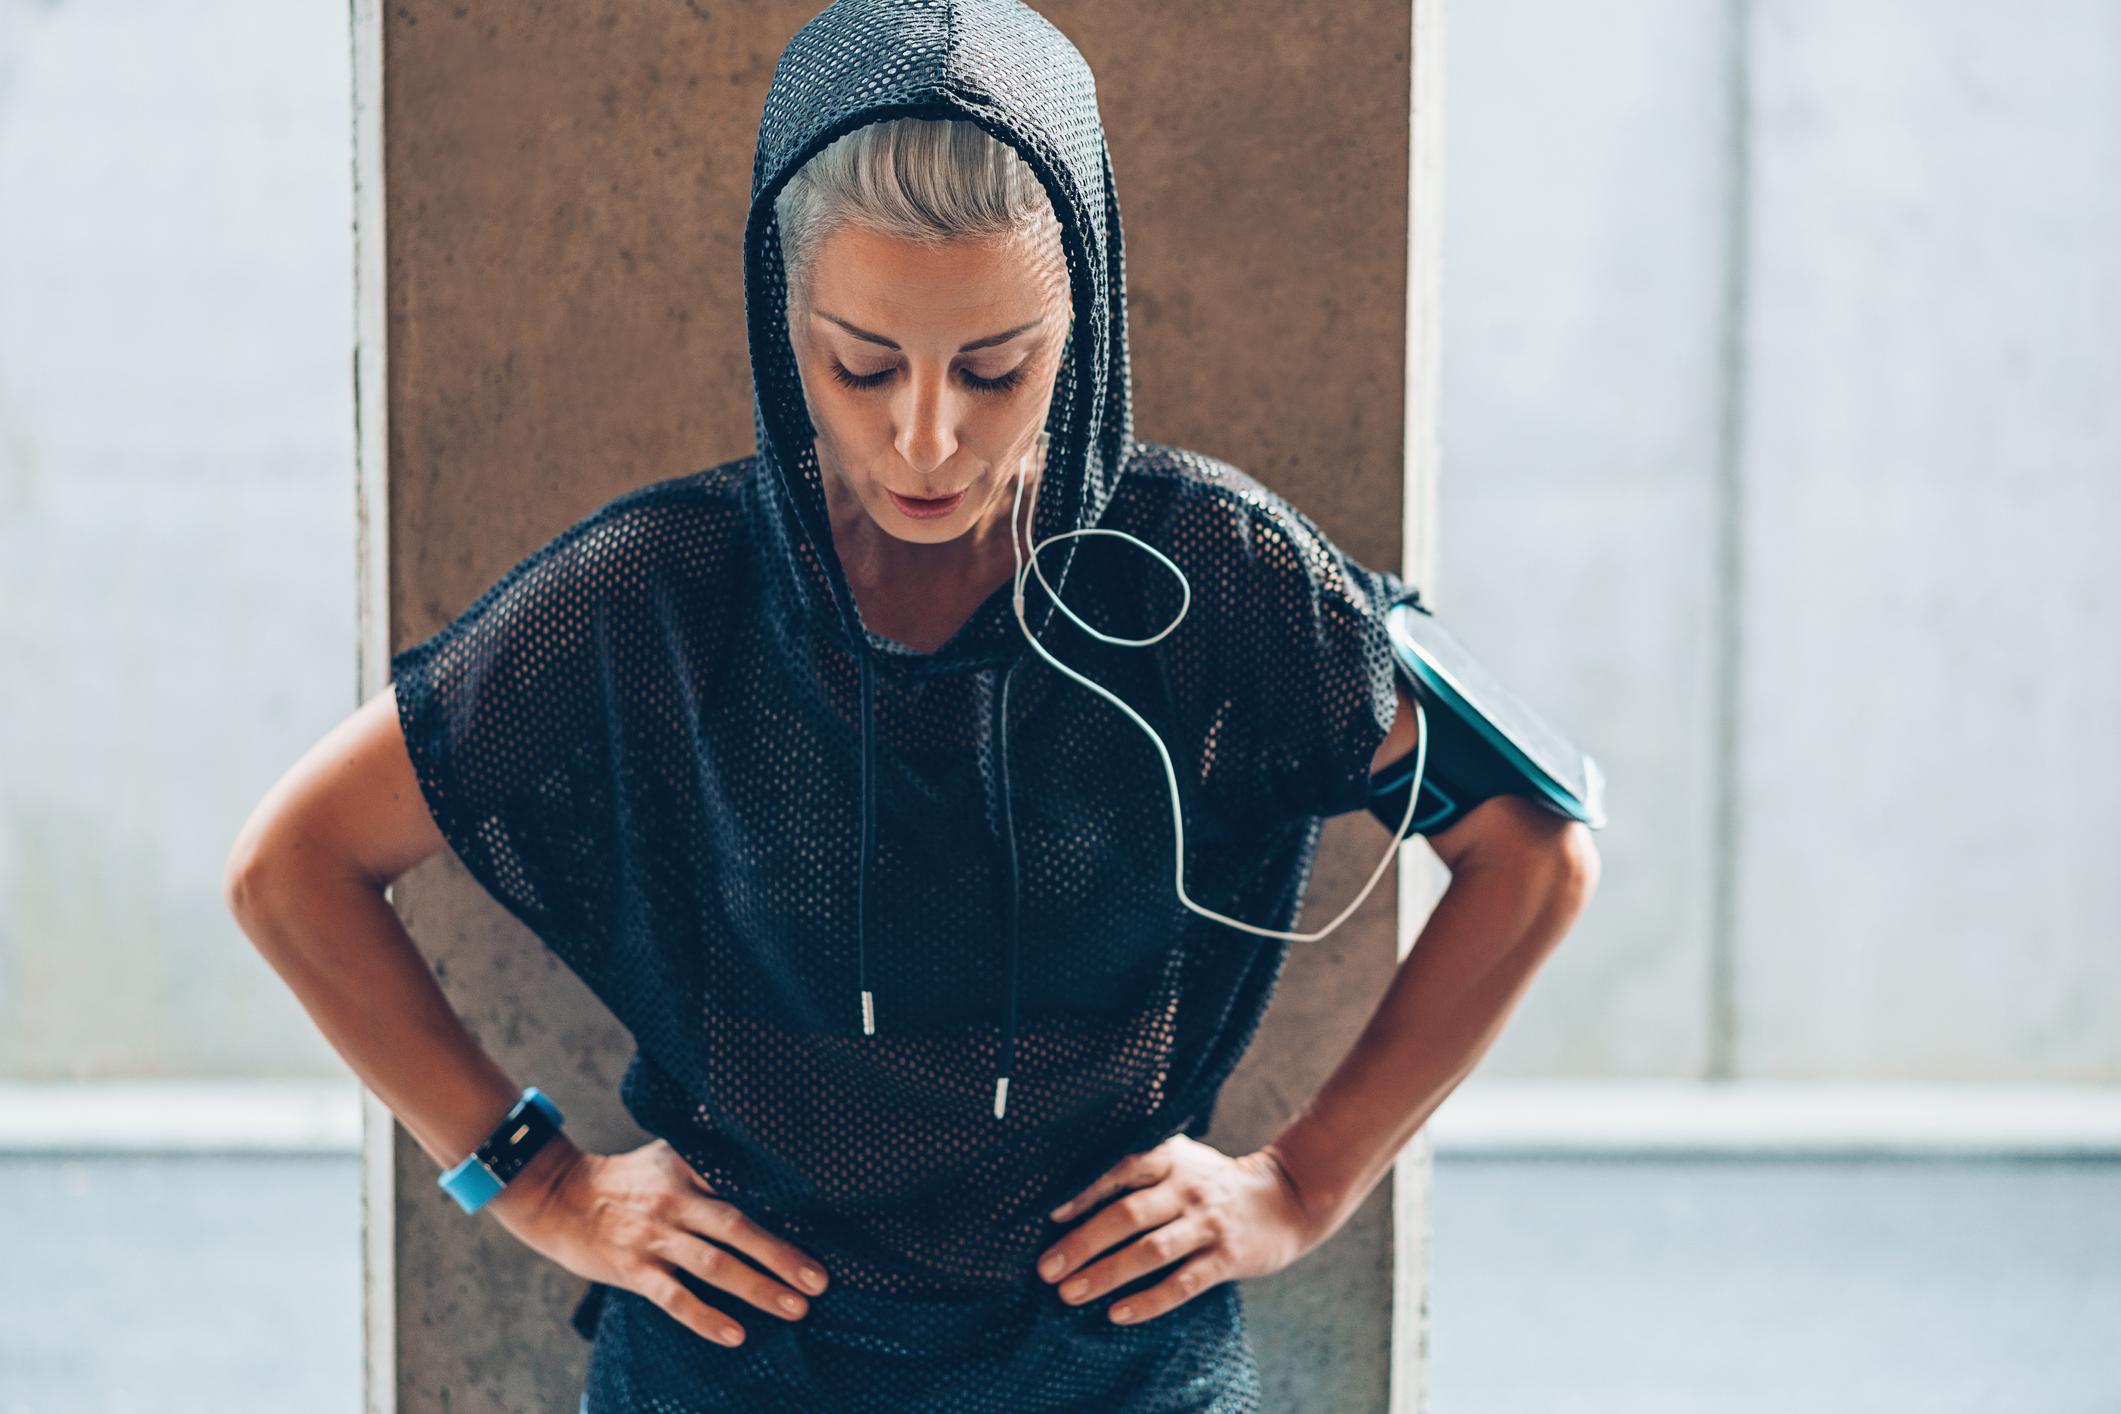 Britanski znanstvenici odlučili su provjeriti kakav utjecaj na brzinu hodanja ima glazba i pomaže li slušanje određene vrste glazbe u ubrzanju tempa hodanja.